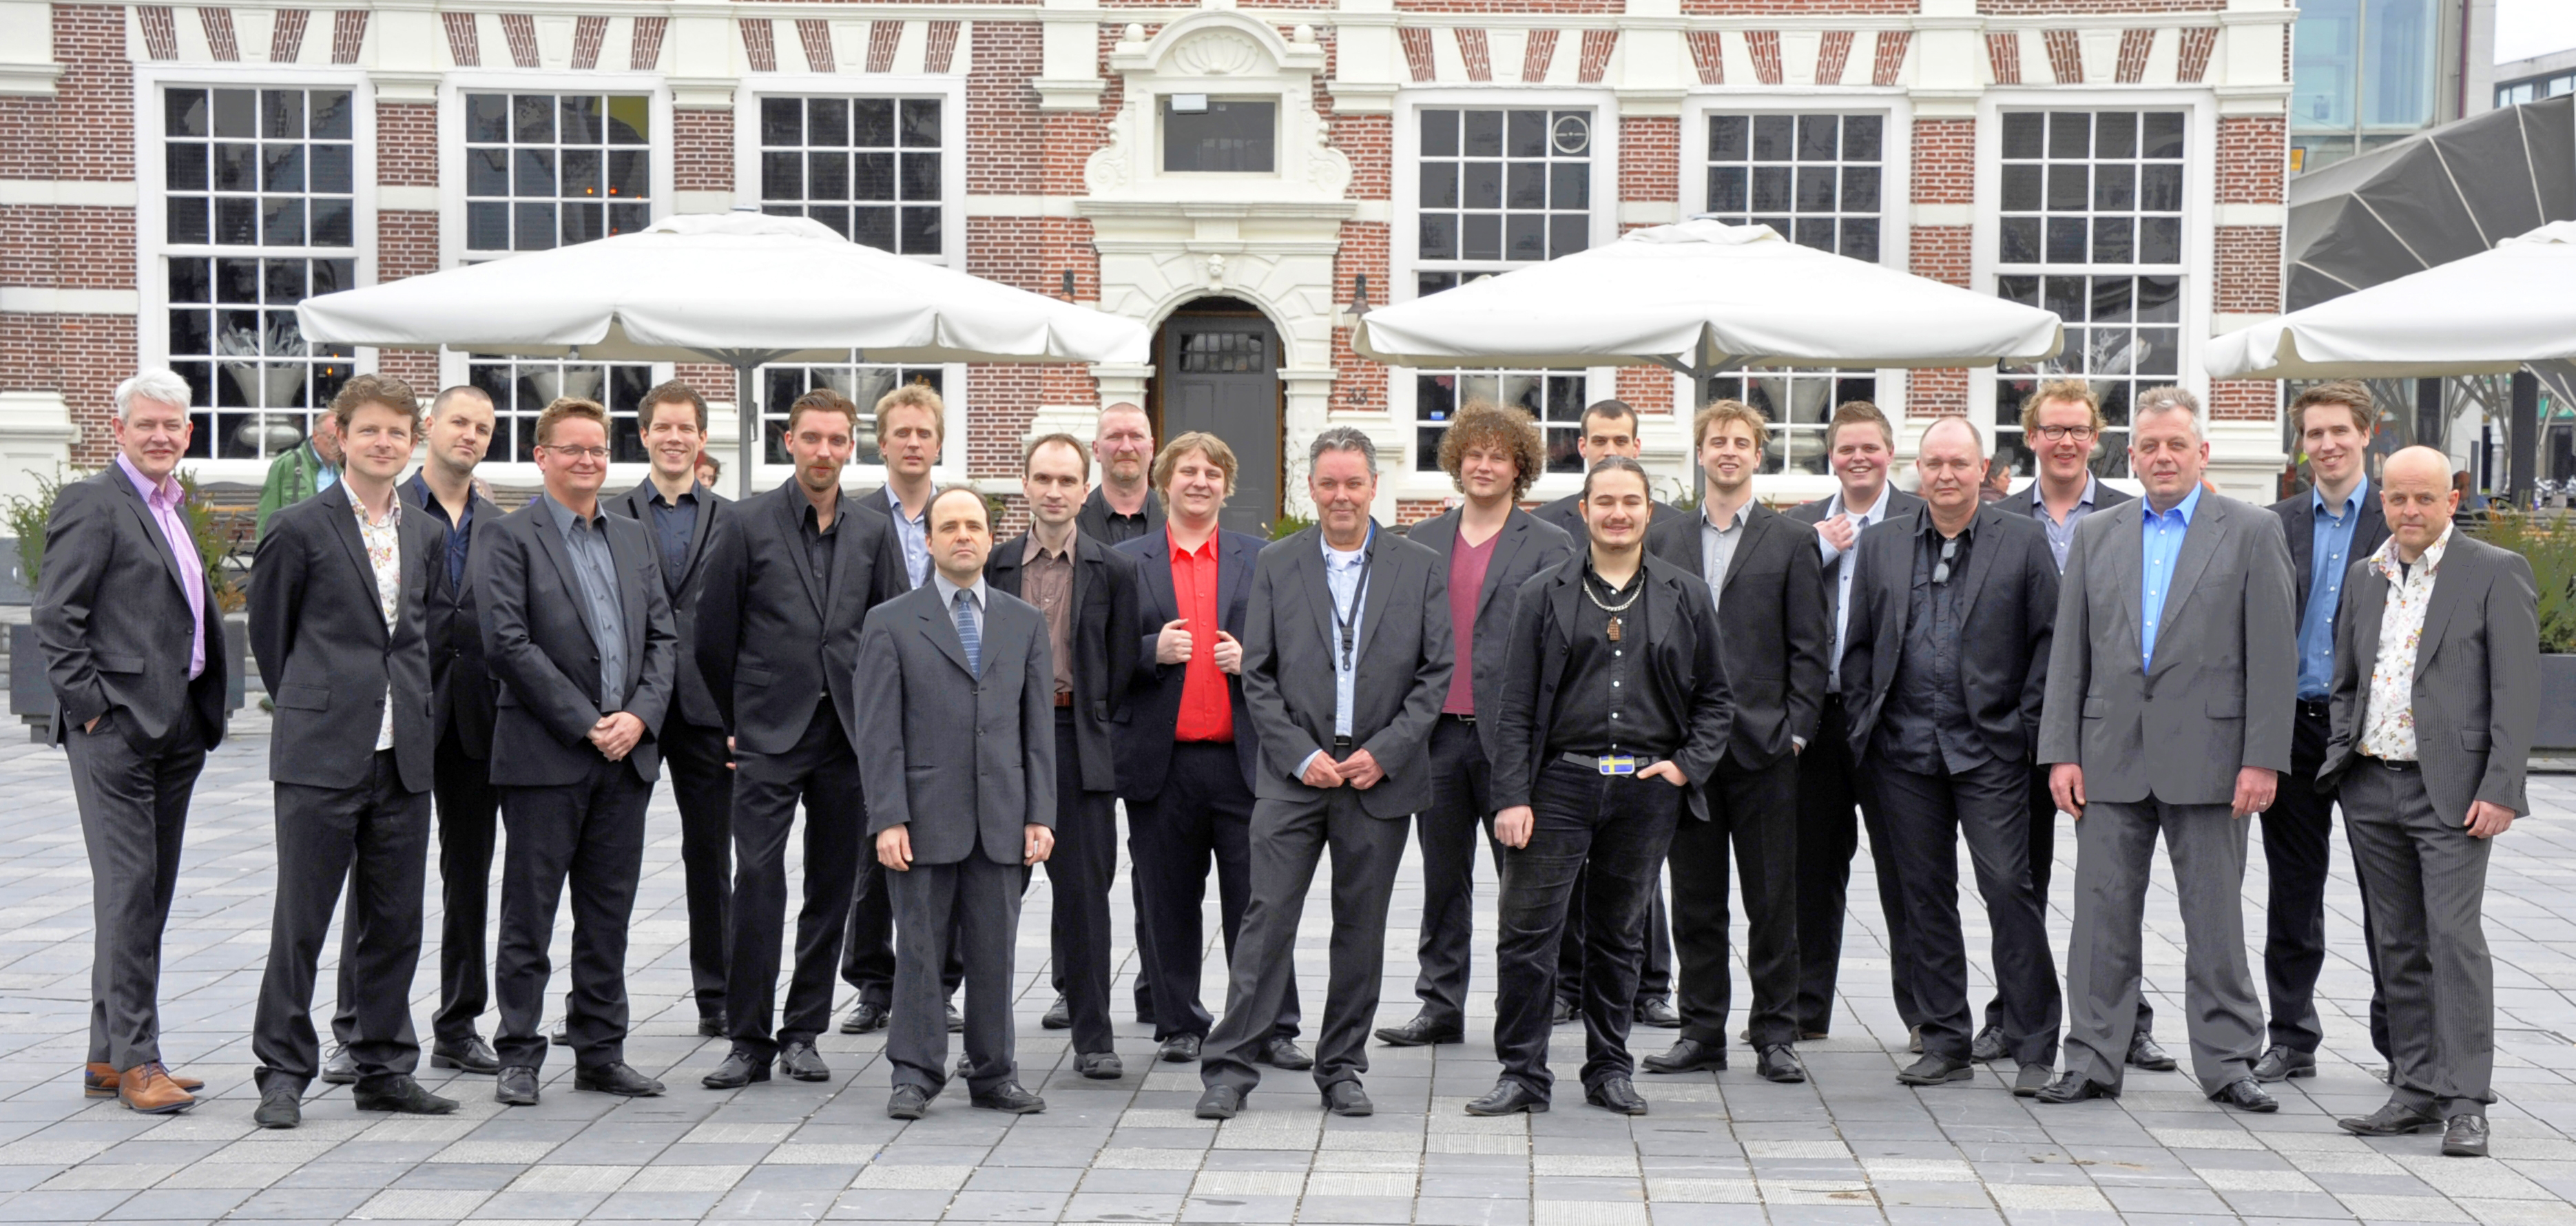 Northern European Jazz Orchestra